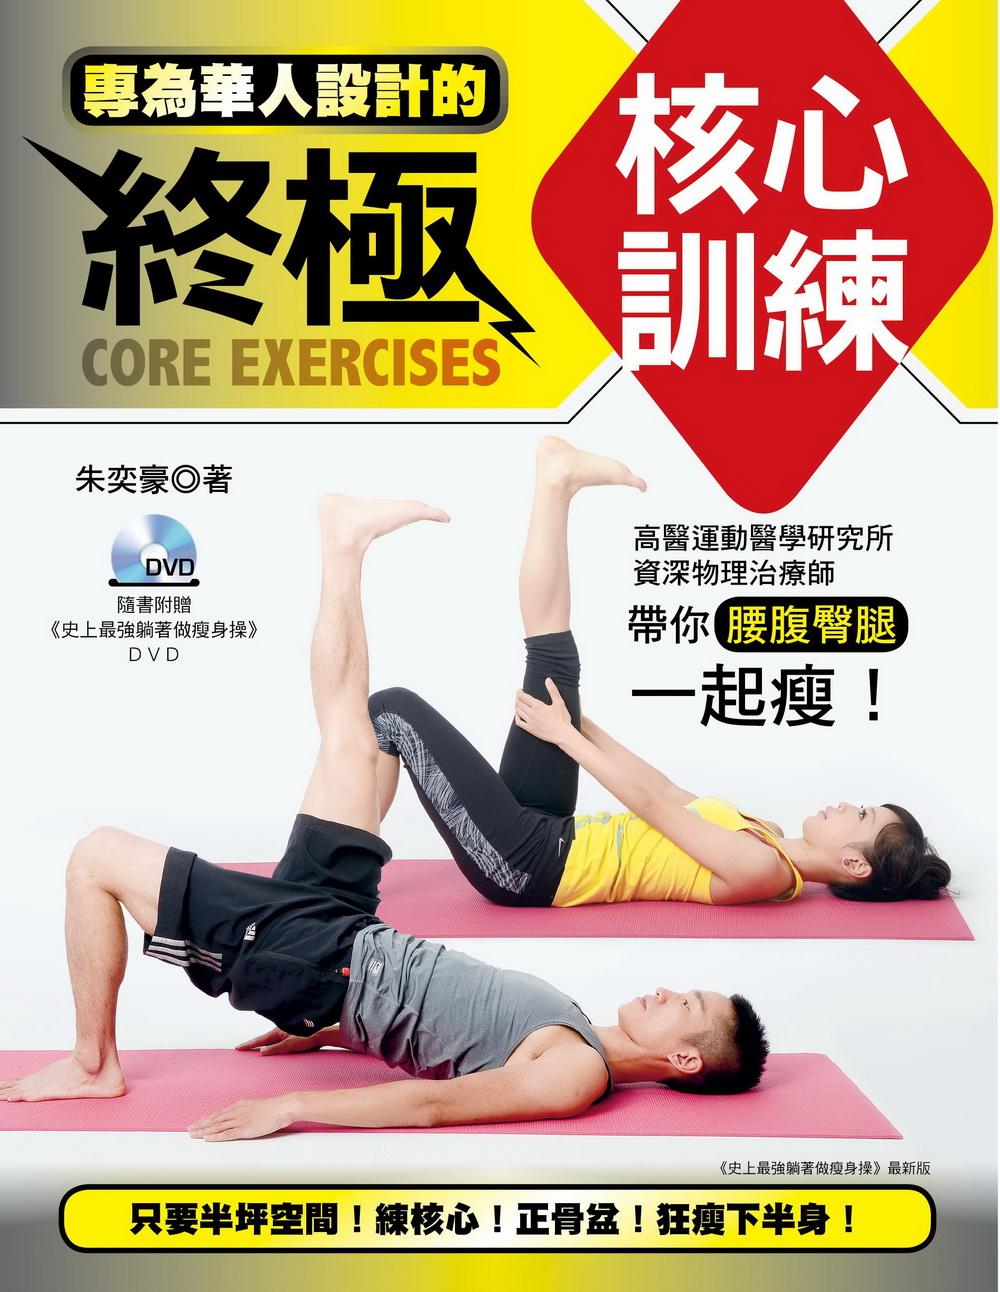 專為華人設計的終極核心訓練